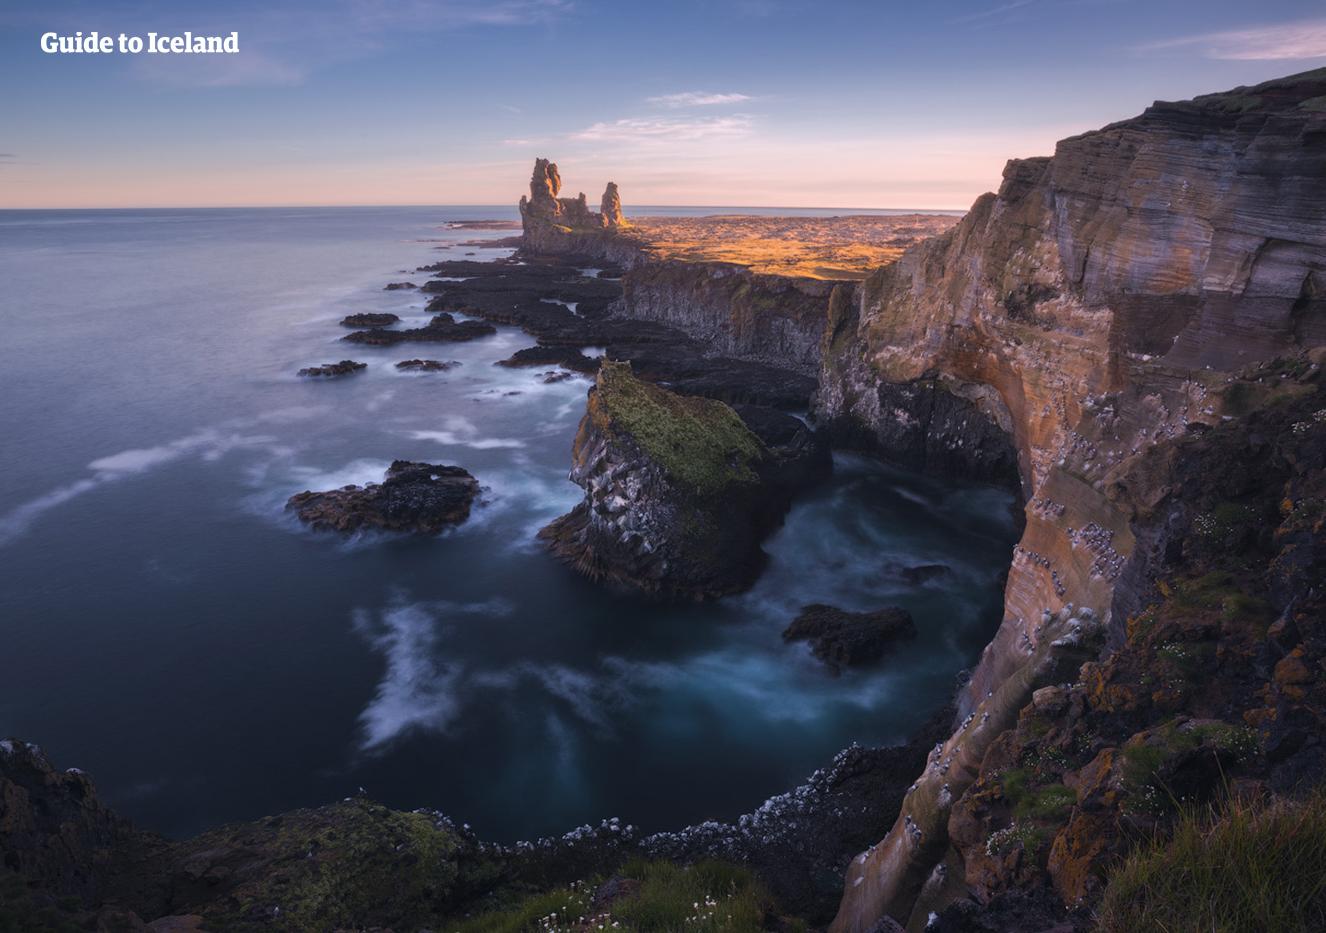 Półwysep Snæfellsnes charakteryzuje się spokojem i wspaniałą naturalną różnorodnością.